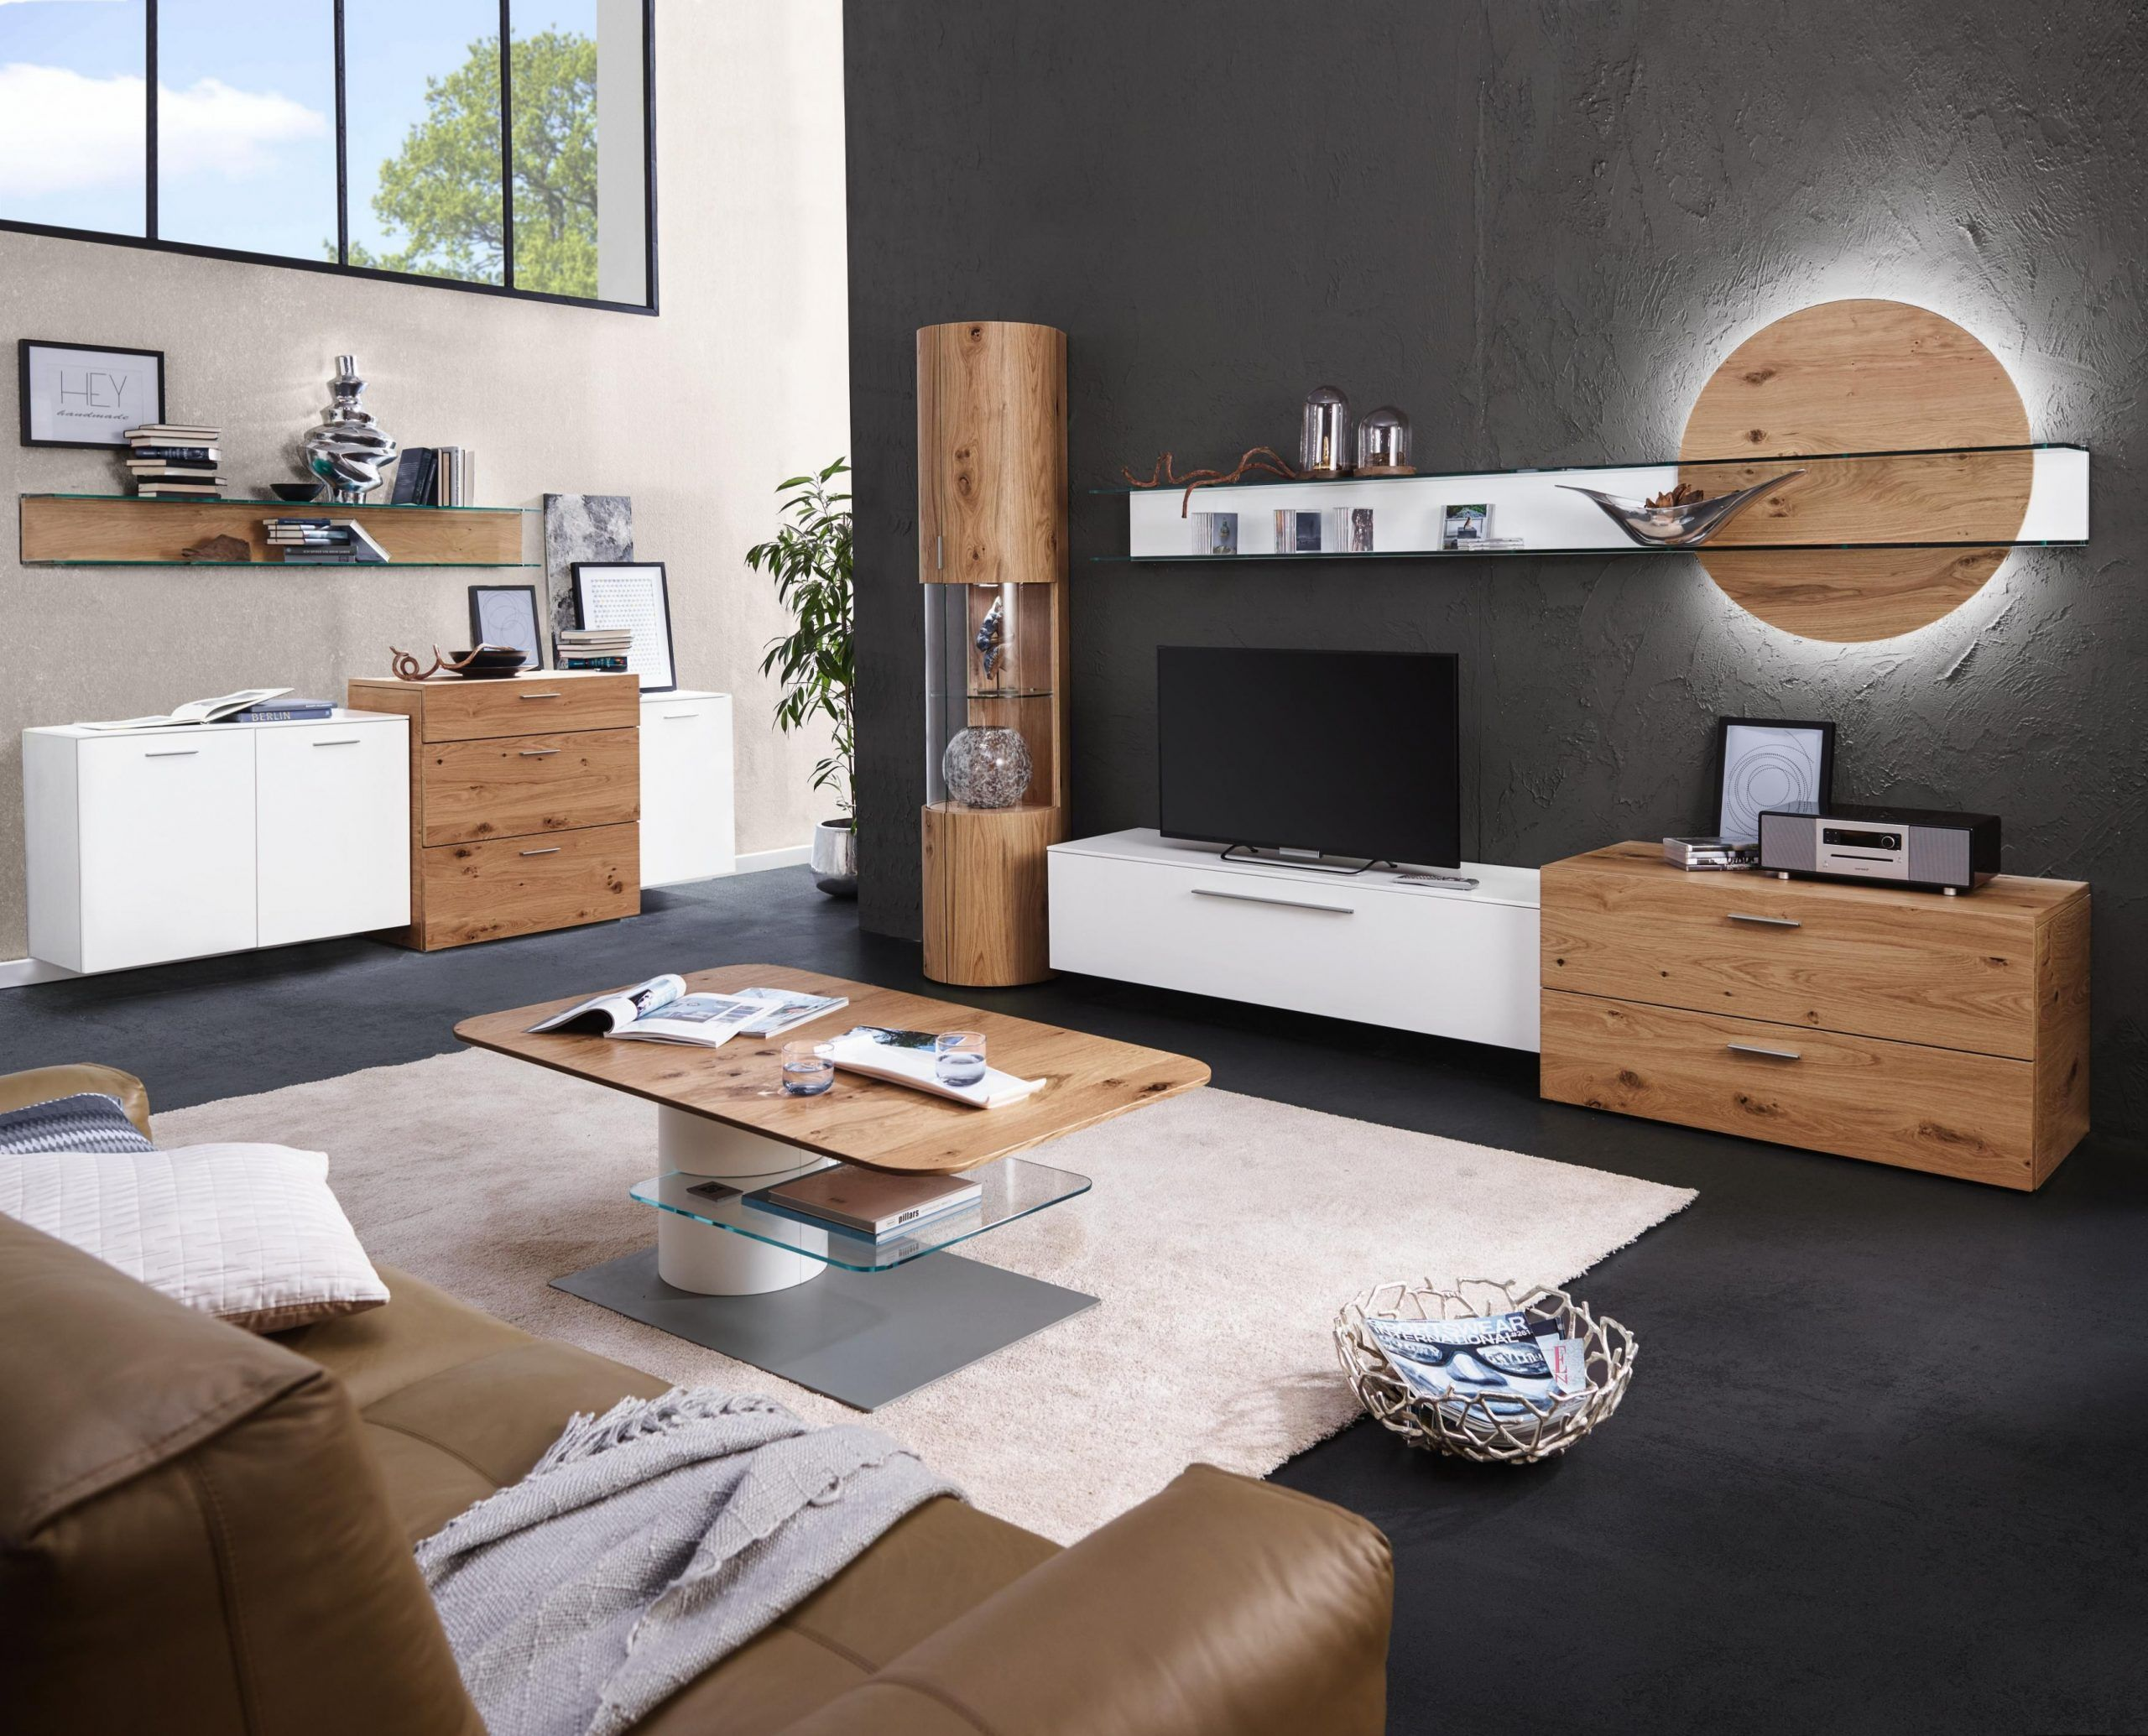 8 Hülsta Wohnzimmer Schrank in 8  Wohnzimmer einrichten